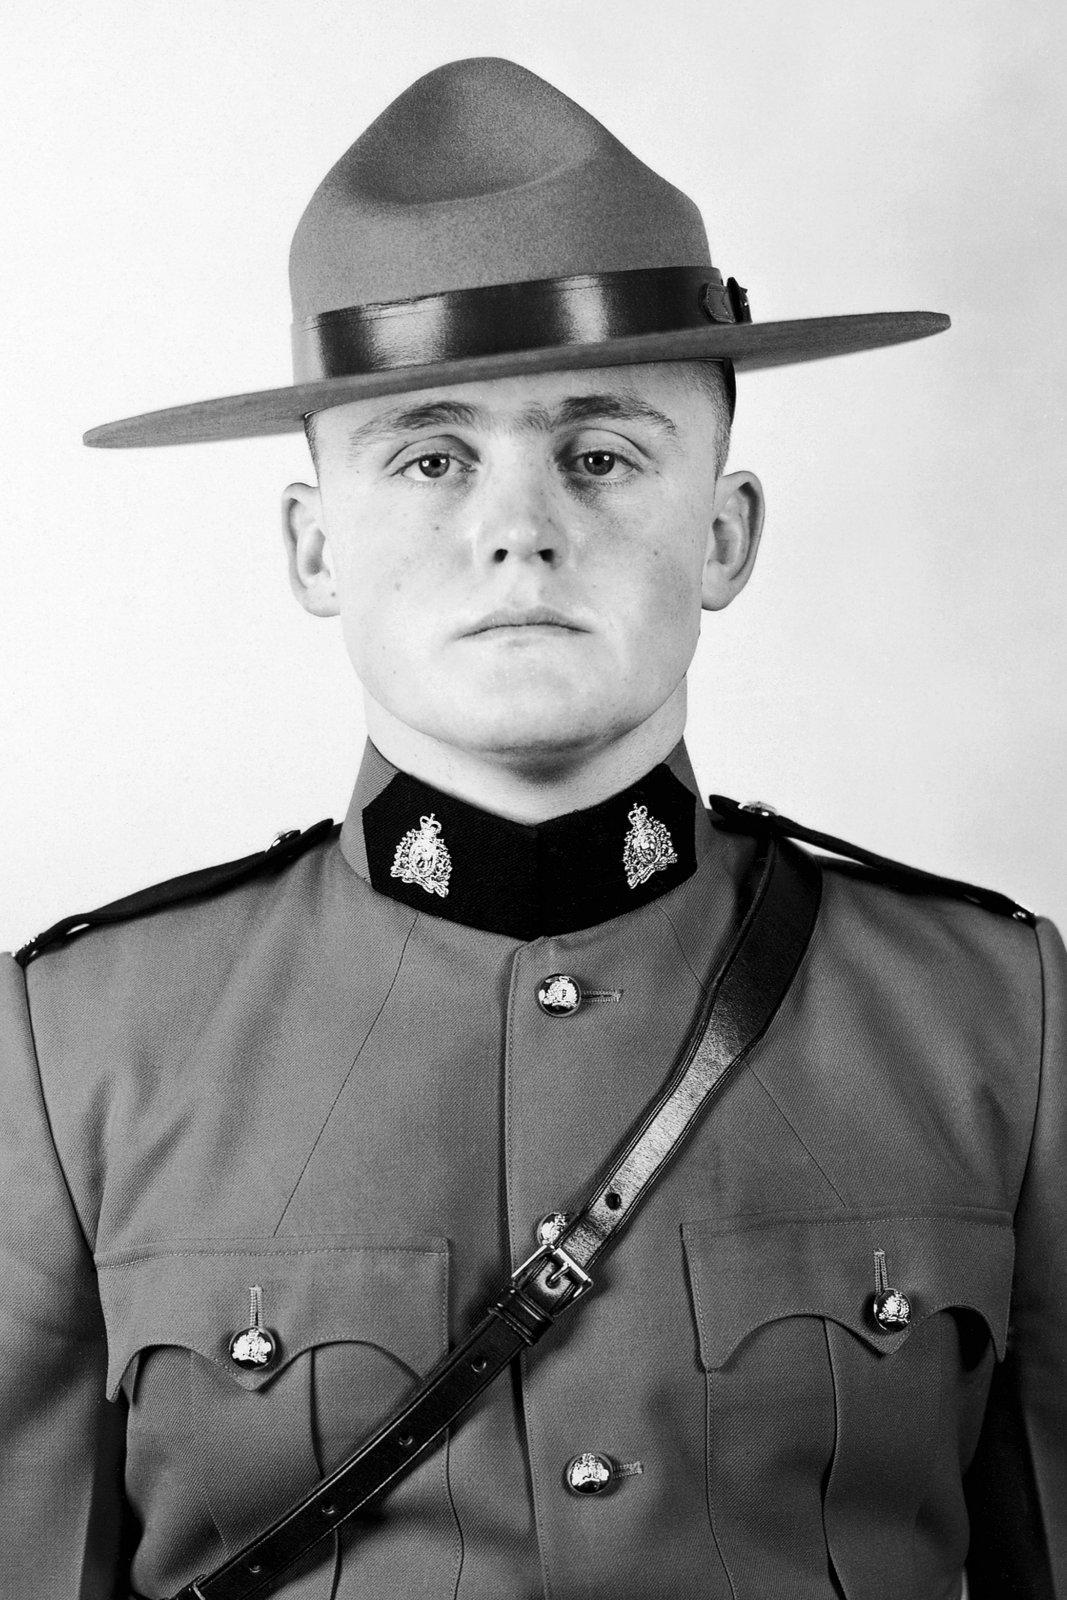 Gendarme de troisième classe Terry Eugene Tomfohr